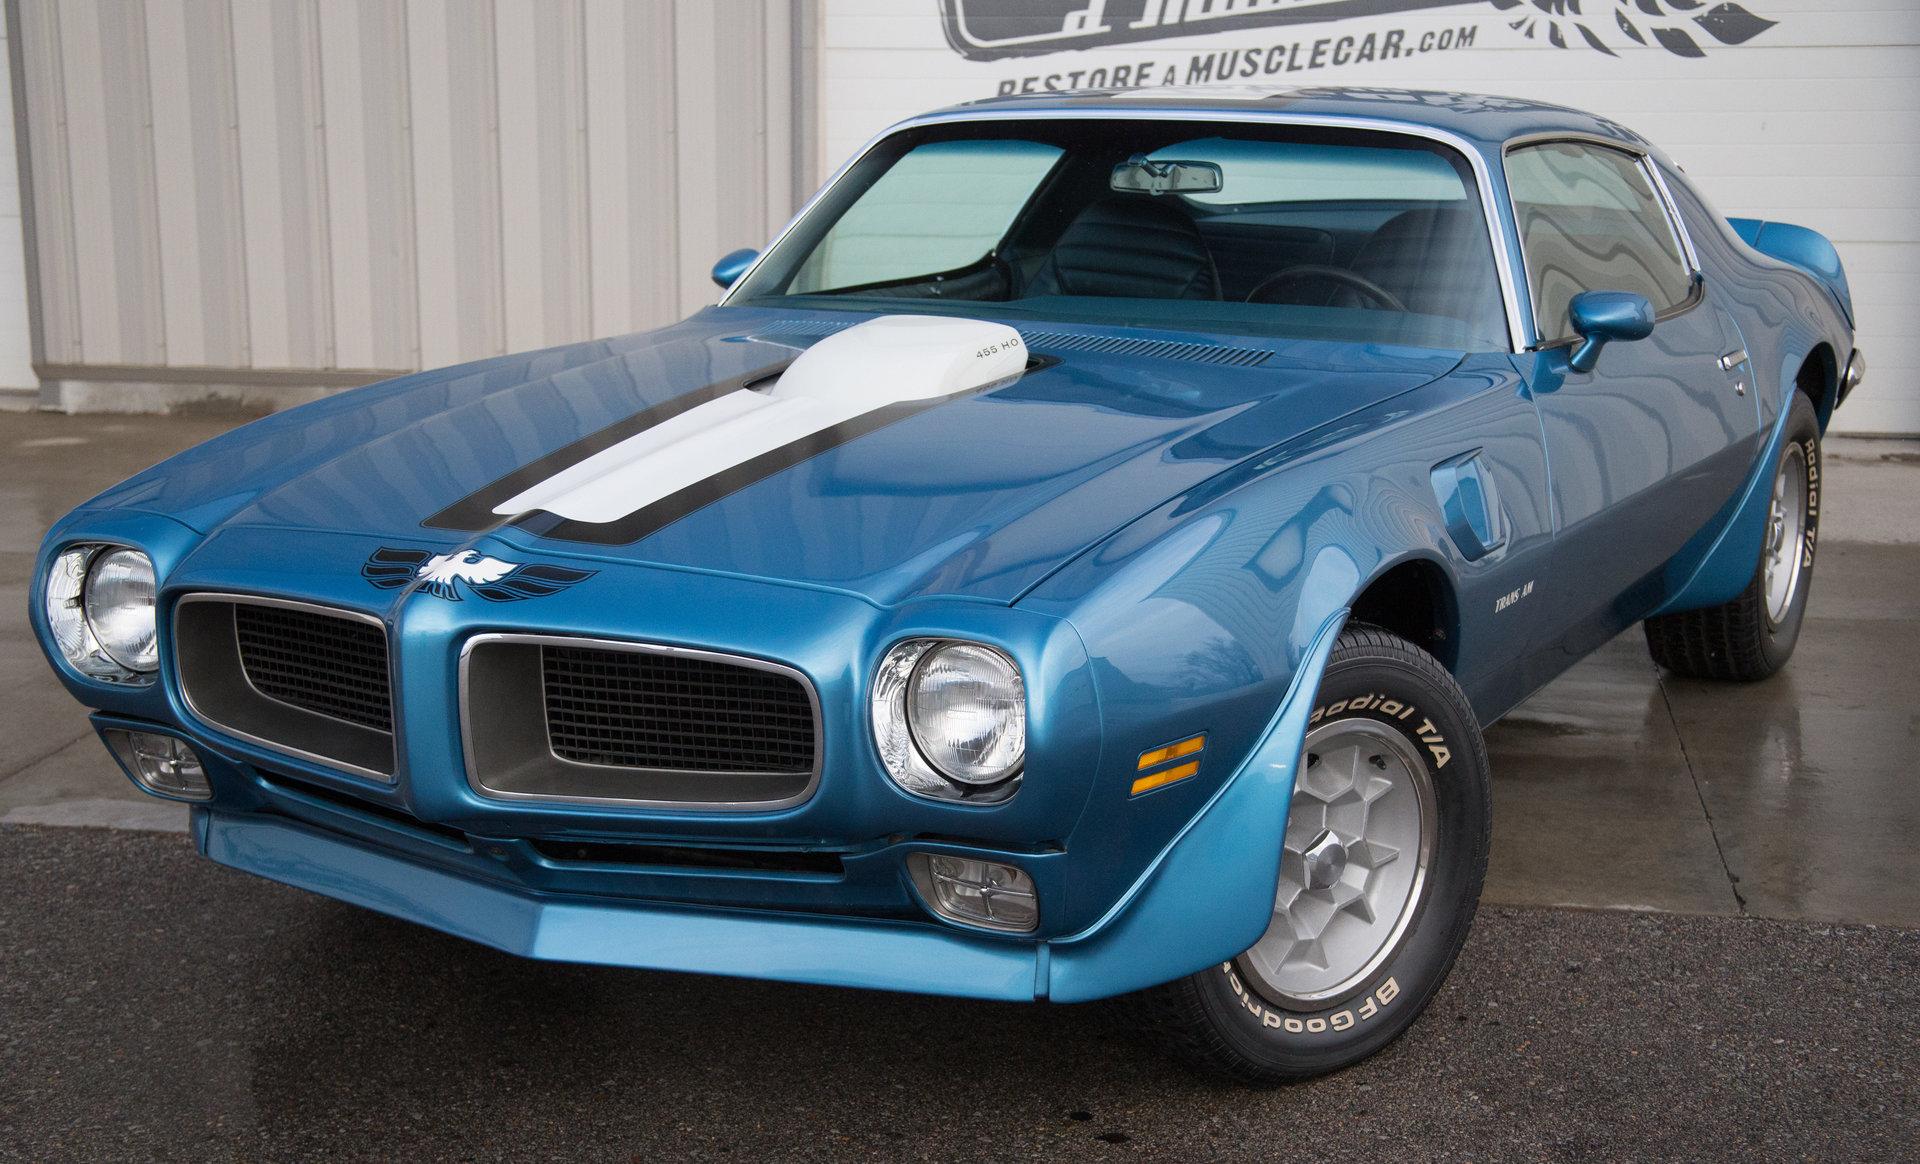 1971 pontiac trans am 455 ho restore a muscle car llc. Black Bedroom Furniture Sets. Home Design Ideas